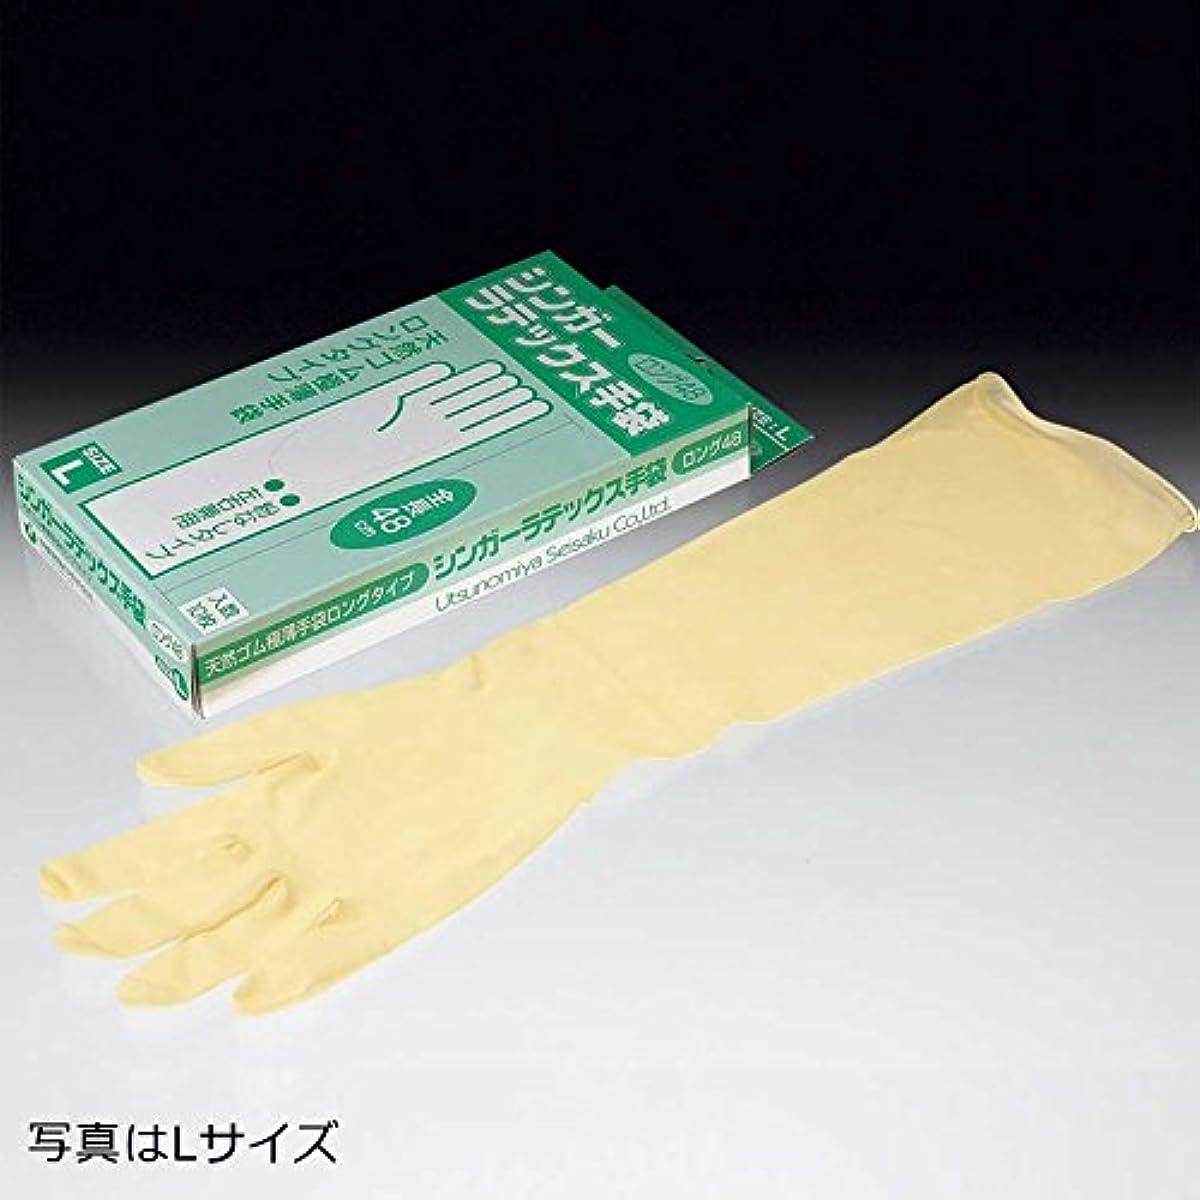 シンガーラテックス手袋ロング48 使い捨て手袋 粉なし全長48cm200枚(10枚入り20箱) (M)